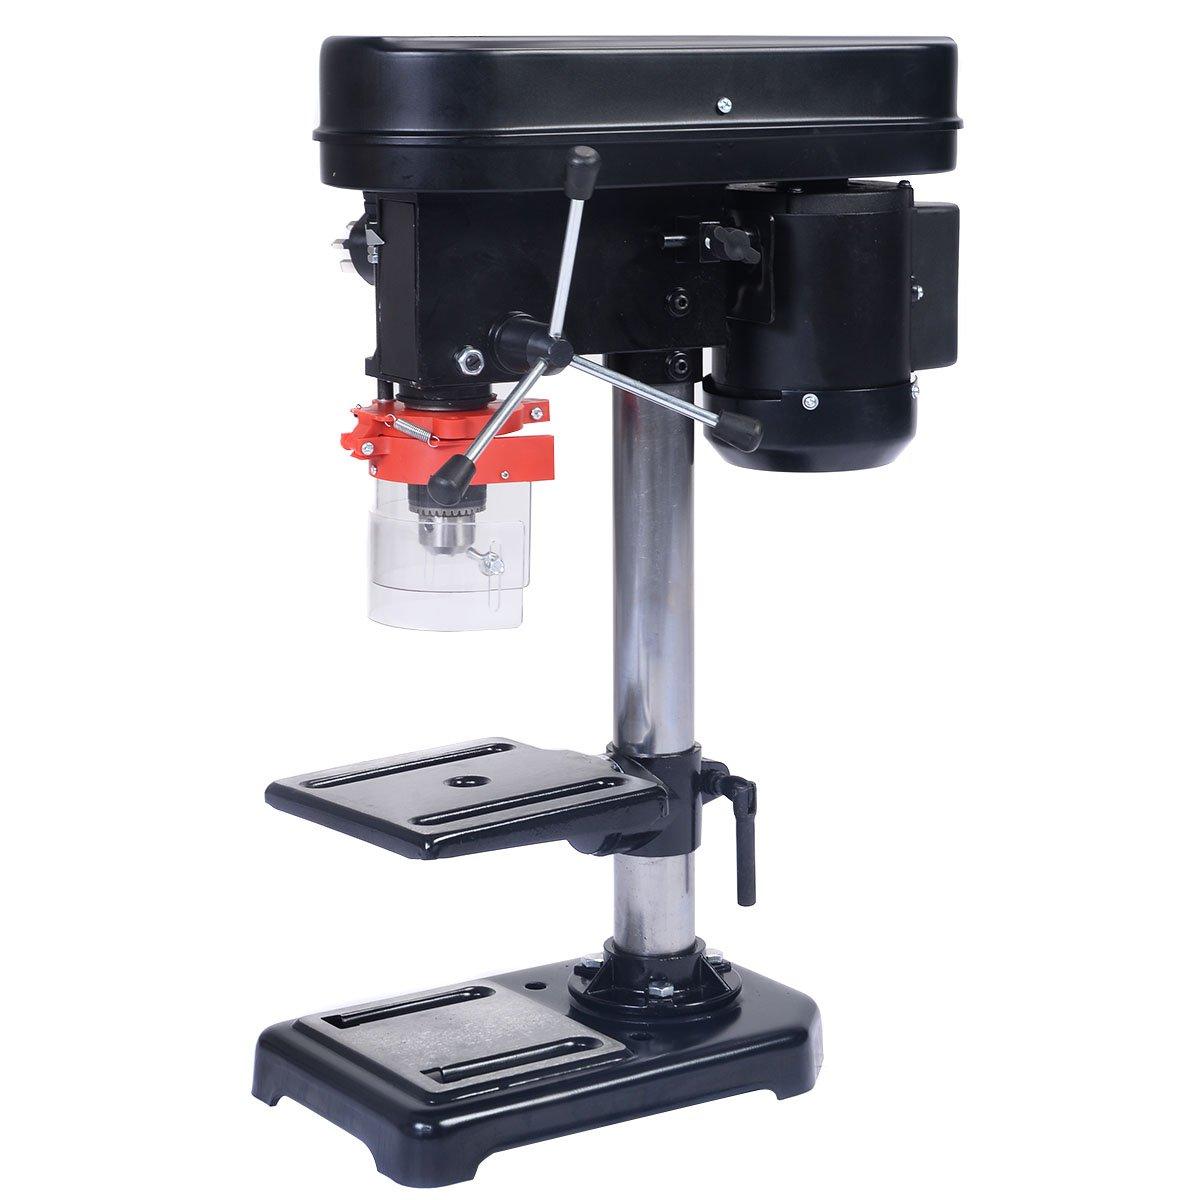 Perceuse à colonne Perceuse à établi 350W Profondeur de perçage 50mm Diamètre mandrin : 1, 5-13 mm Portée : 104 mm Inclinaison de la table de perçage : 0°à +45° YTF-3126